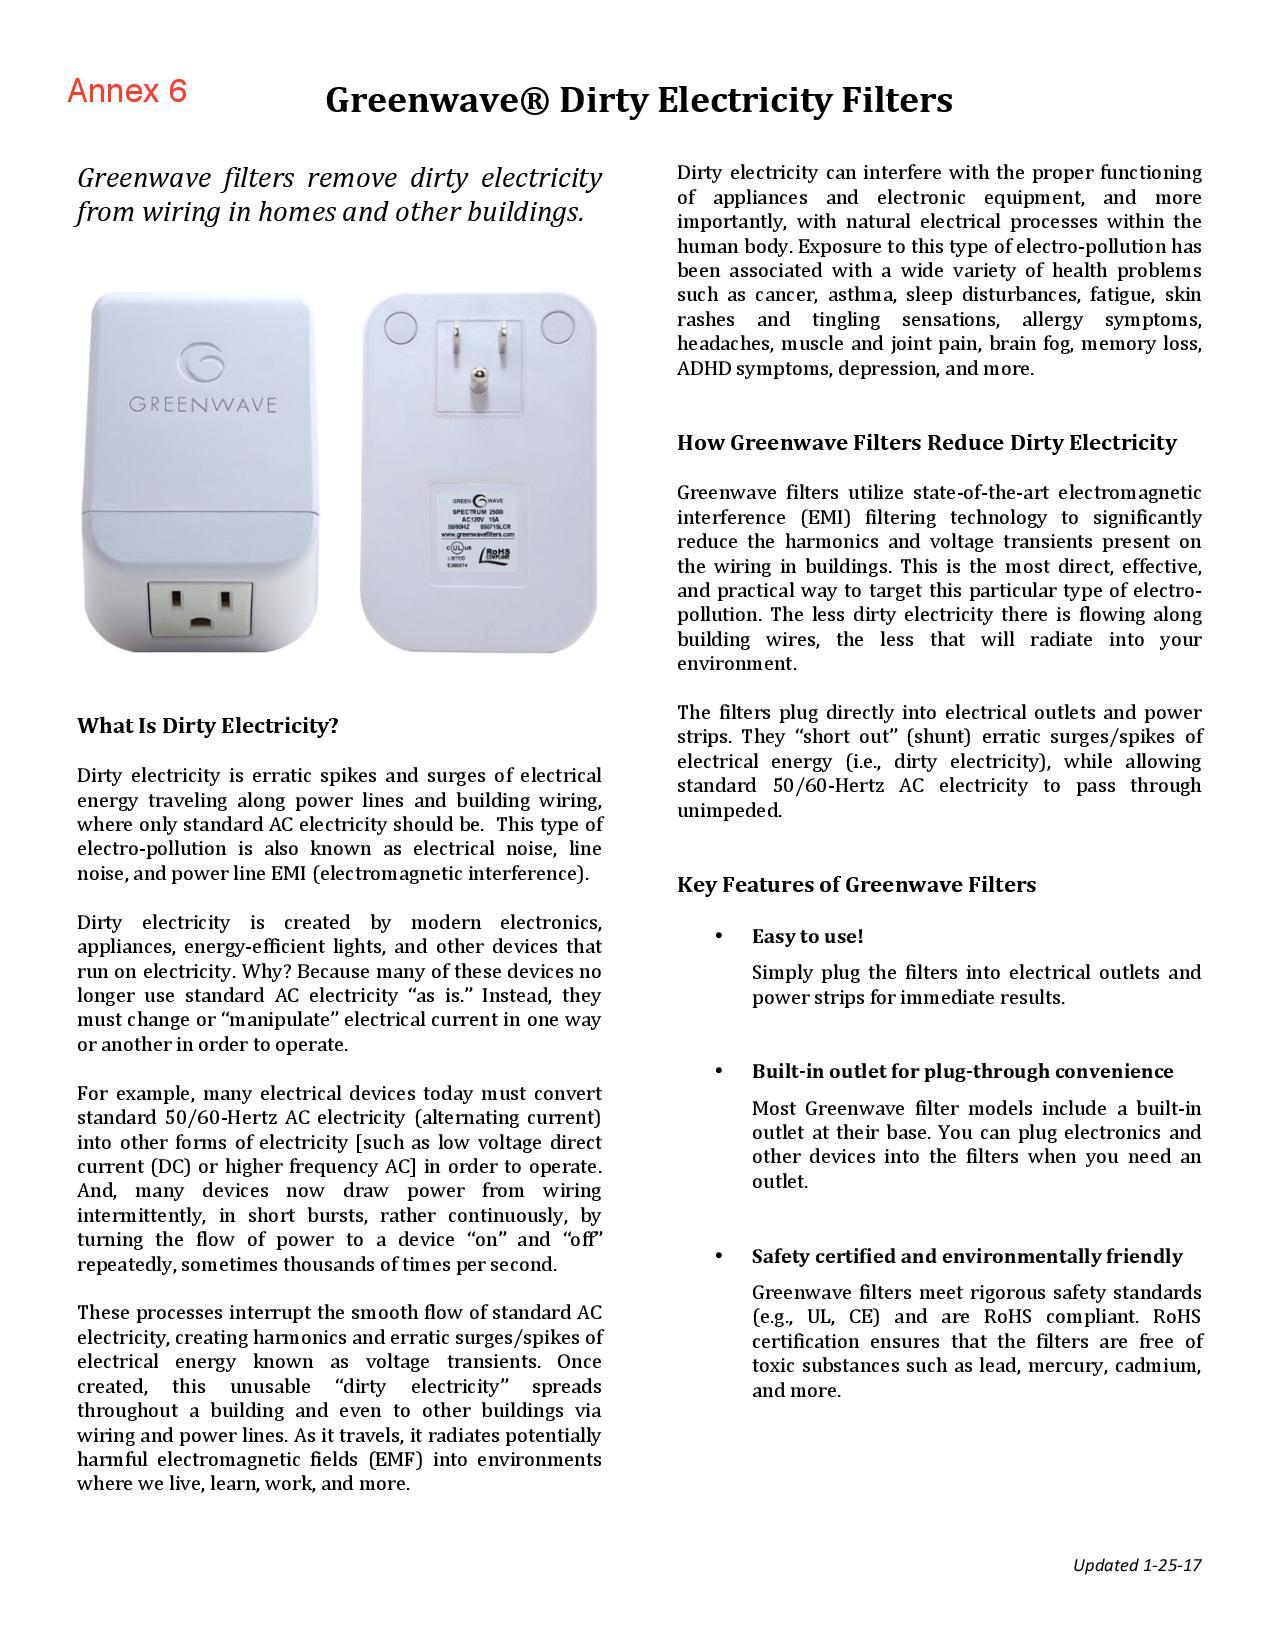 Annex 6 Greenwave-Filter copie-page-001.jpg